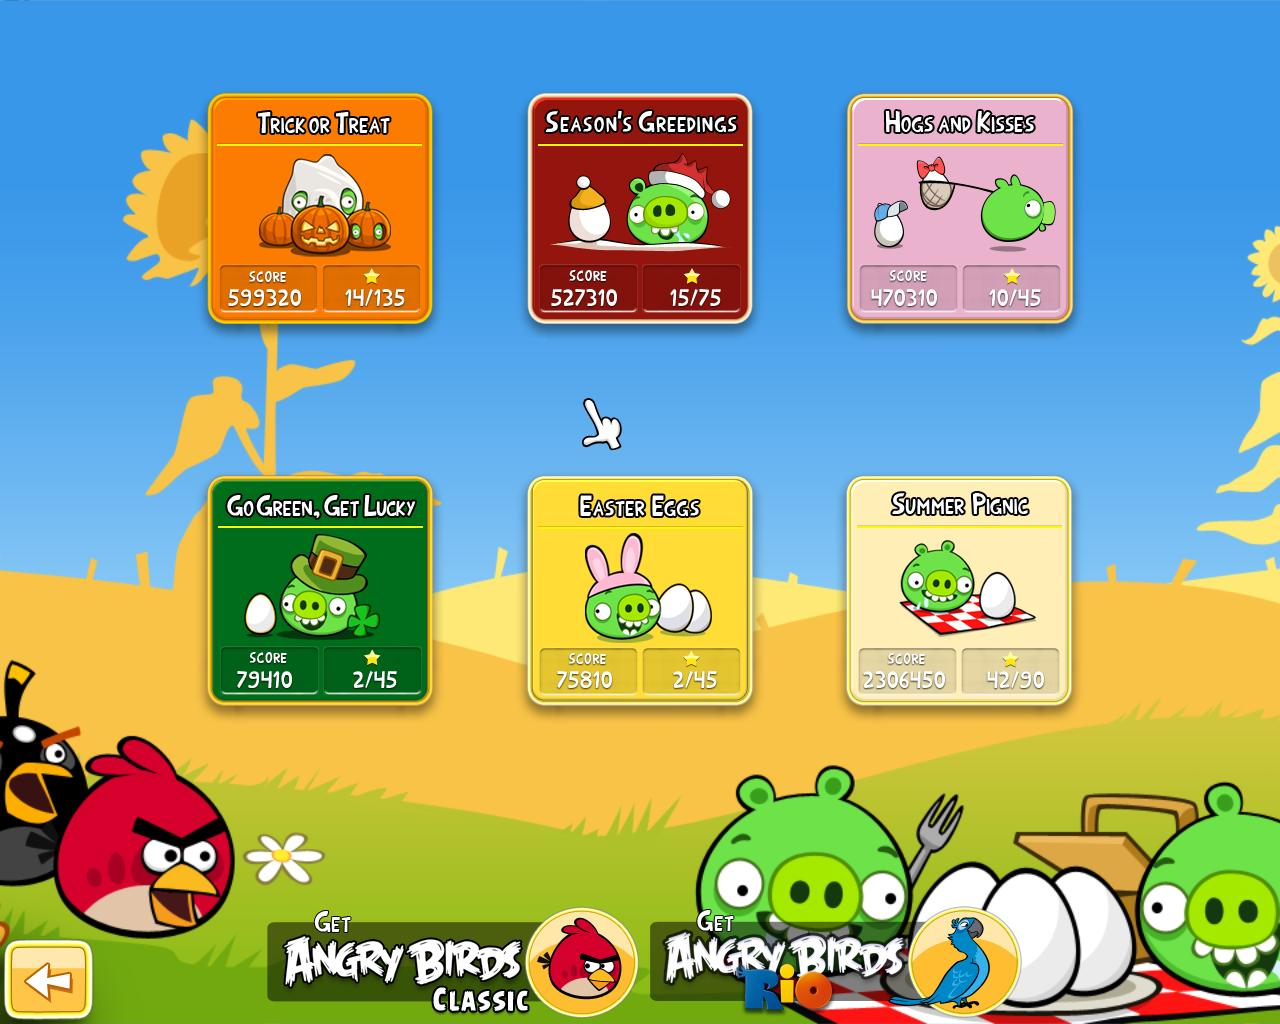 Angry Birds Seasons 1.5.1 PC+Crack F2de5a27426f1f5f1a8b56d580c54eb2